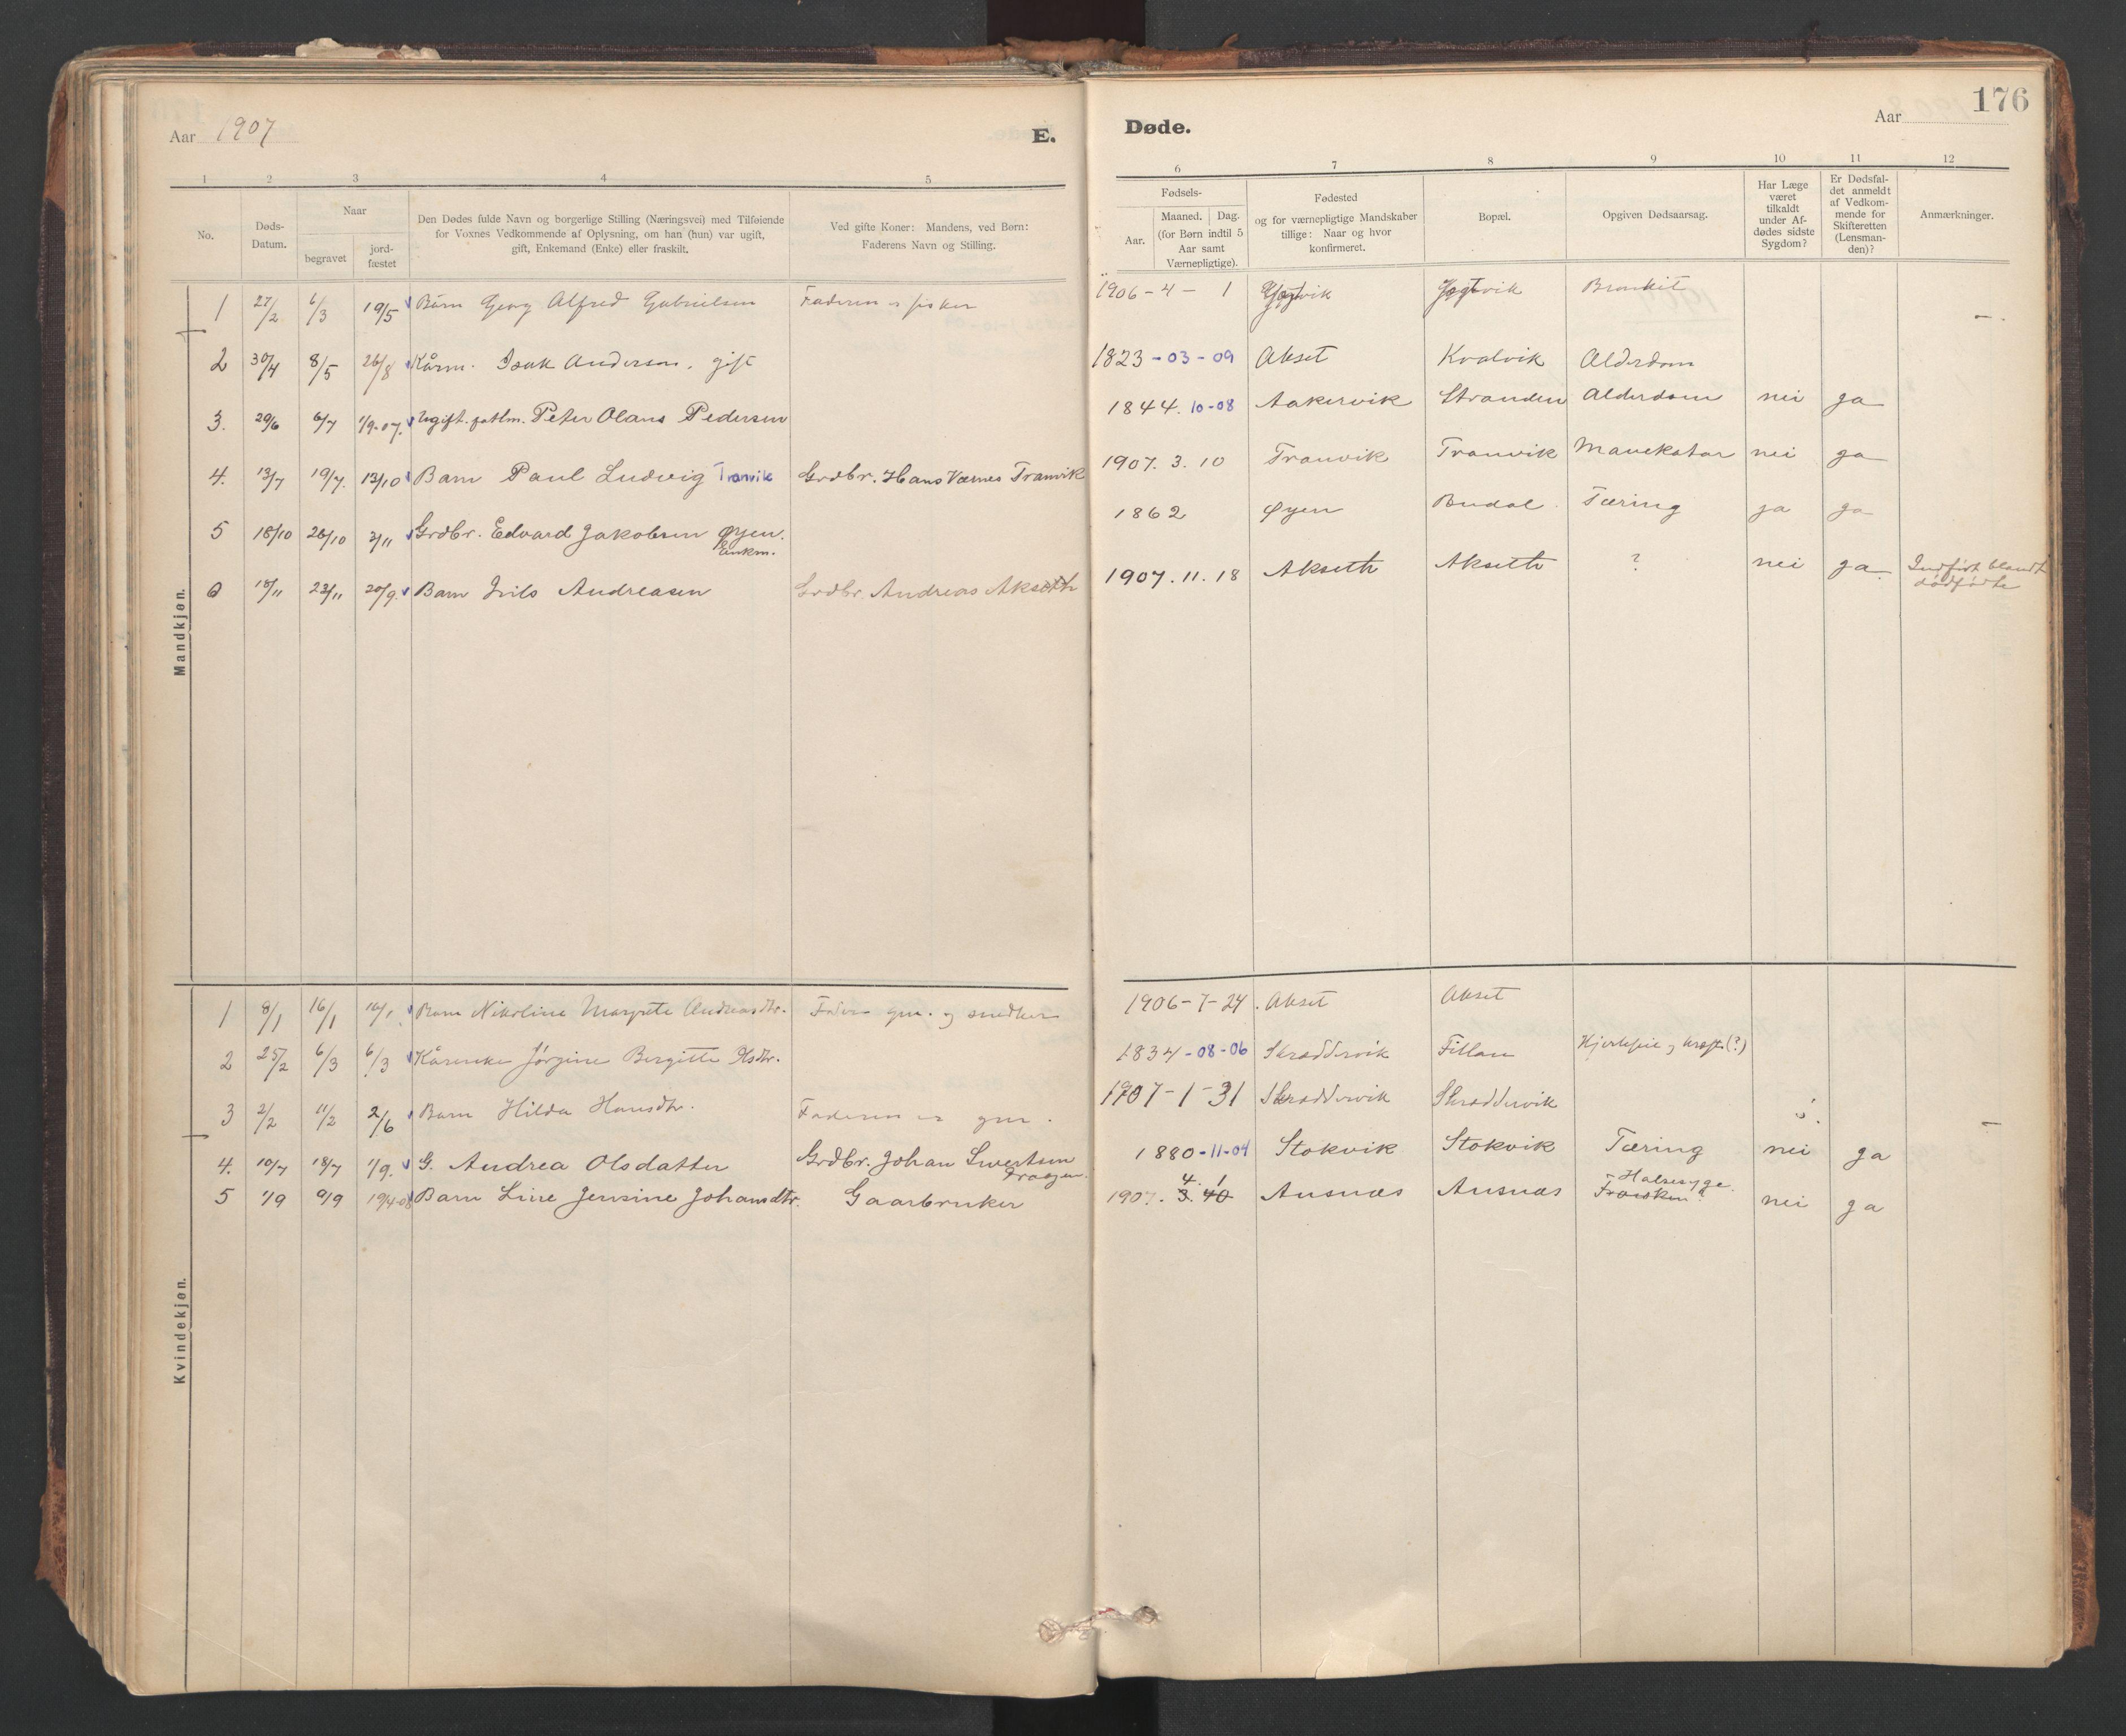 SAT, Ministerialprotokoller, klokkerbøker og fødselsregistre - Sør-Trøndelag, 637/L0559: Ministerialbok nr. 637A02, 1899-1923, s. 176